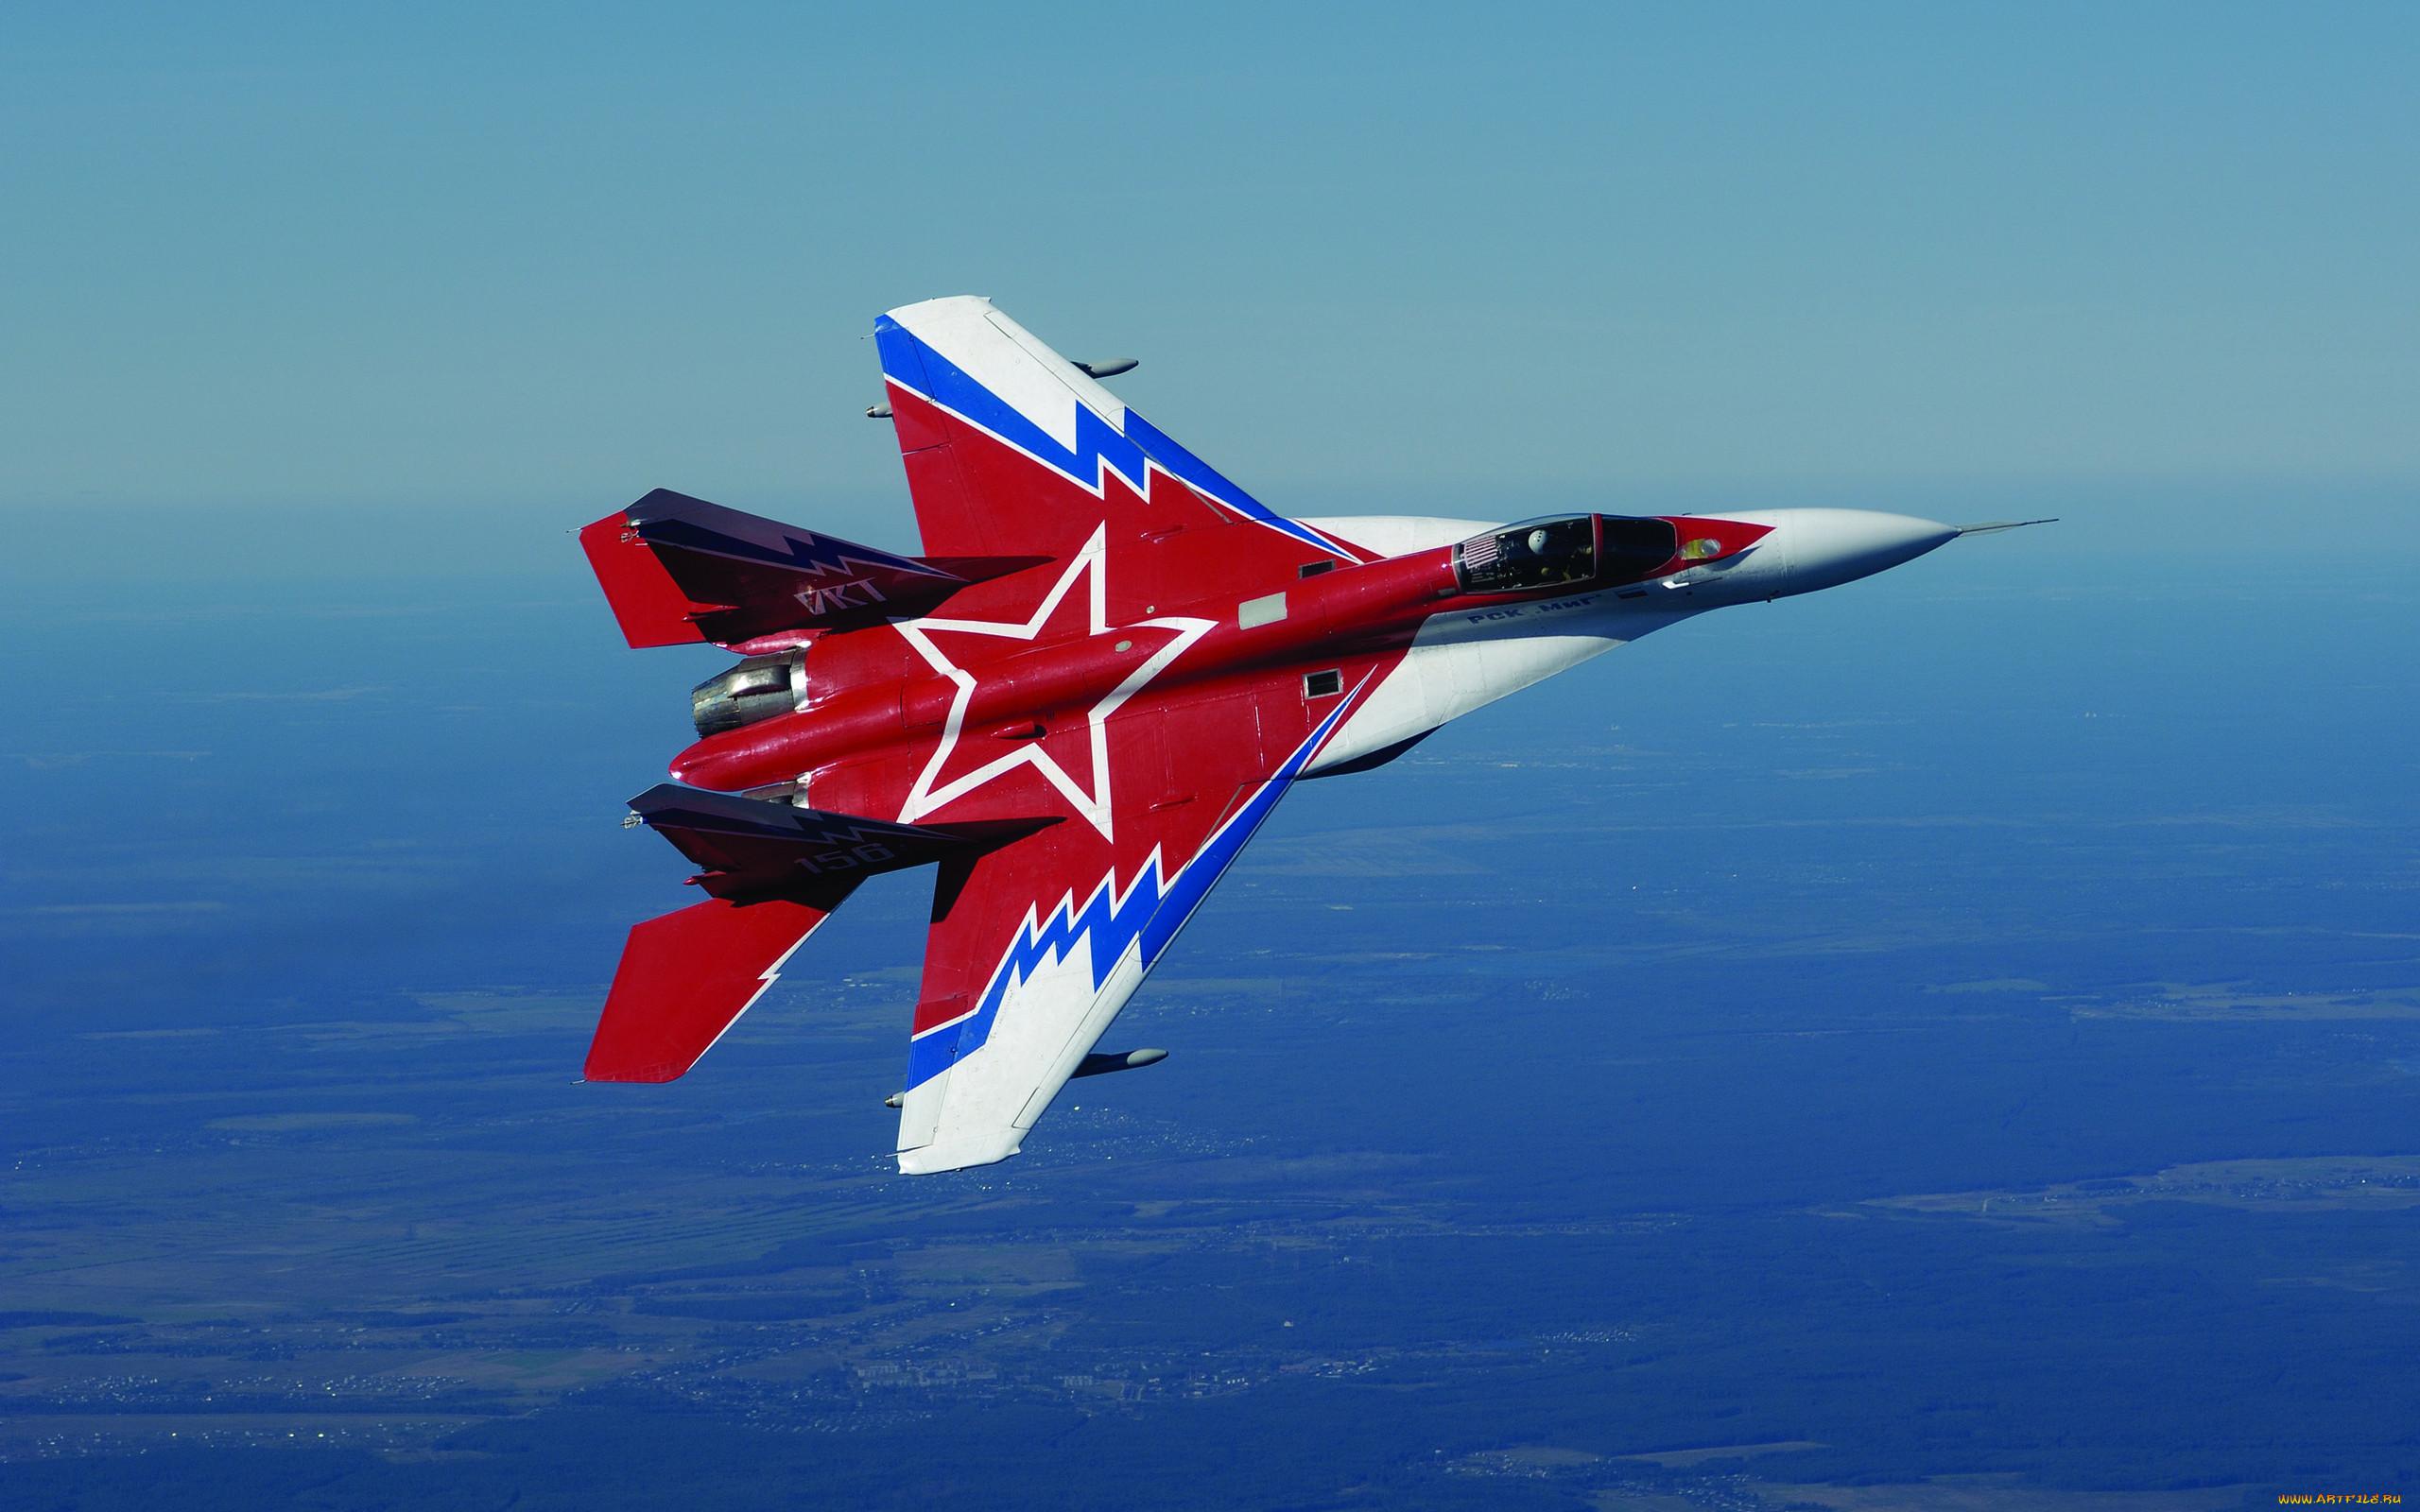 устройство закрепляется самолеты фотографии красивые военные производство рукавов